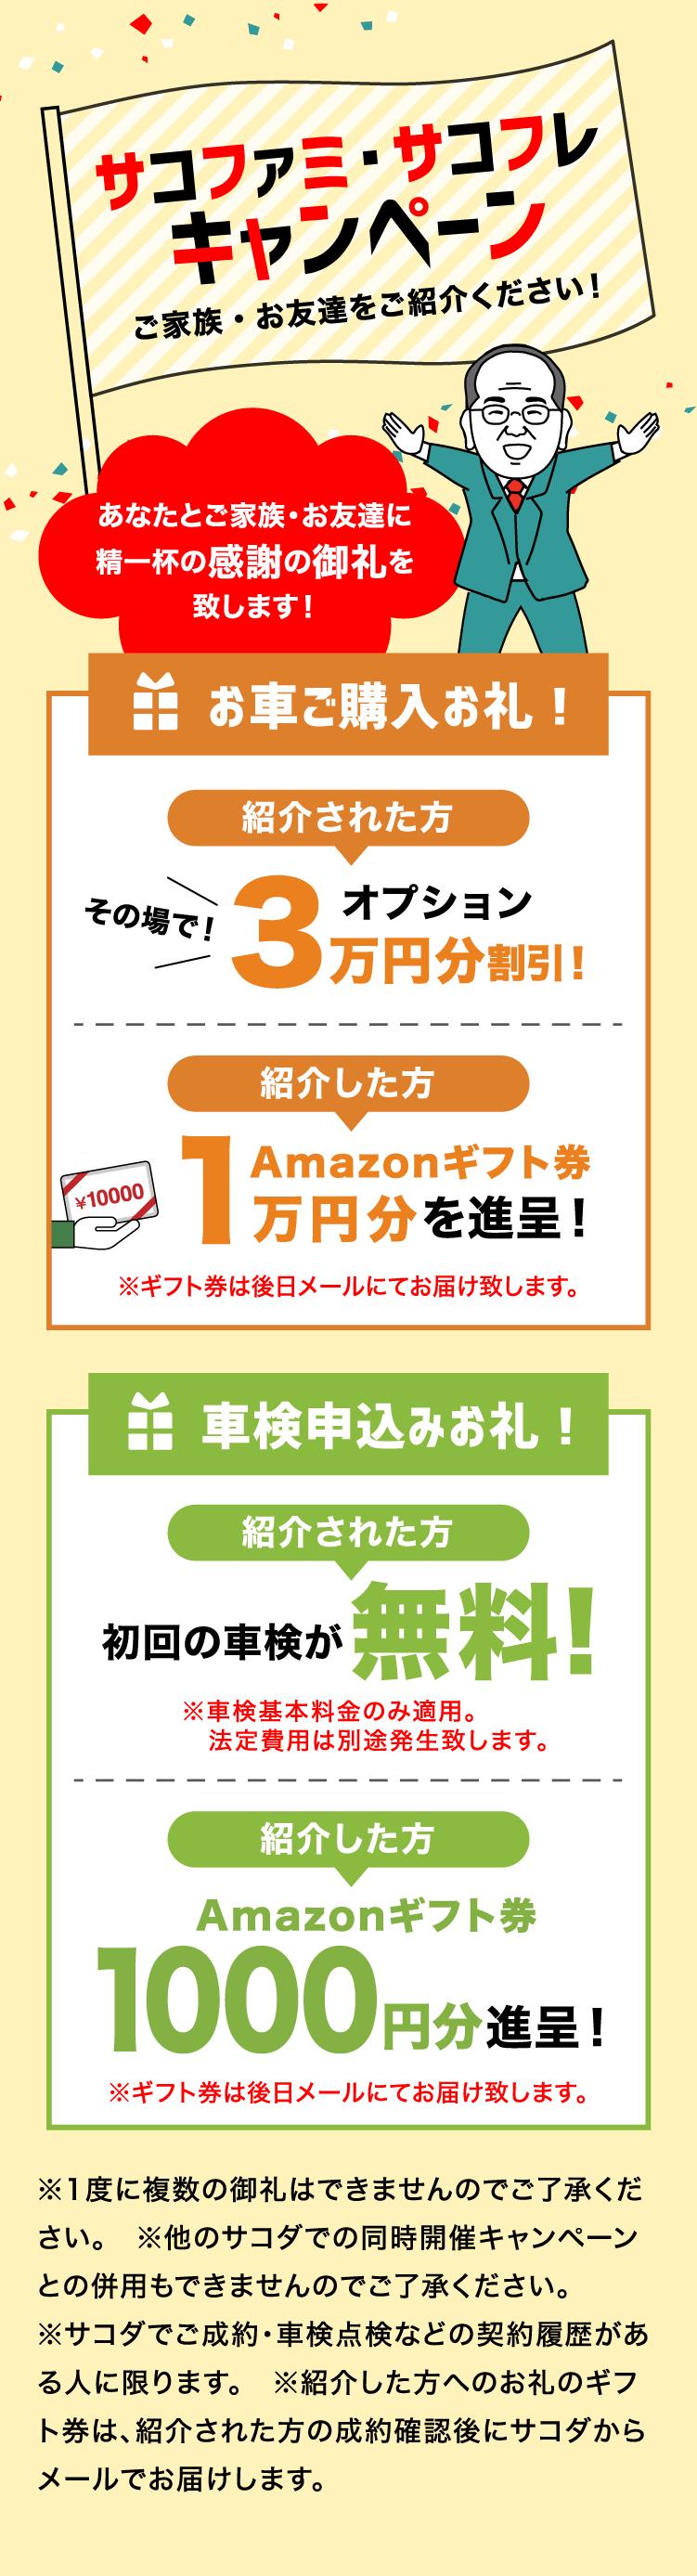 サコファミ・サコフレ キャンペーン ご家族・お友達をご紹介ください!